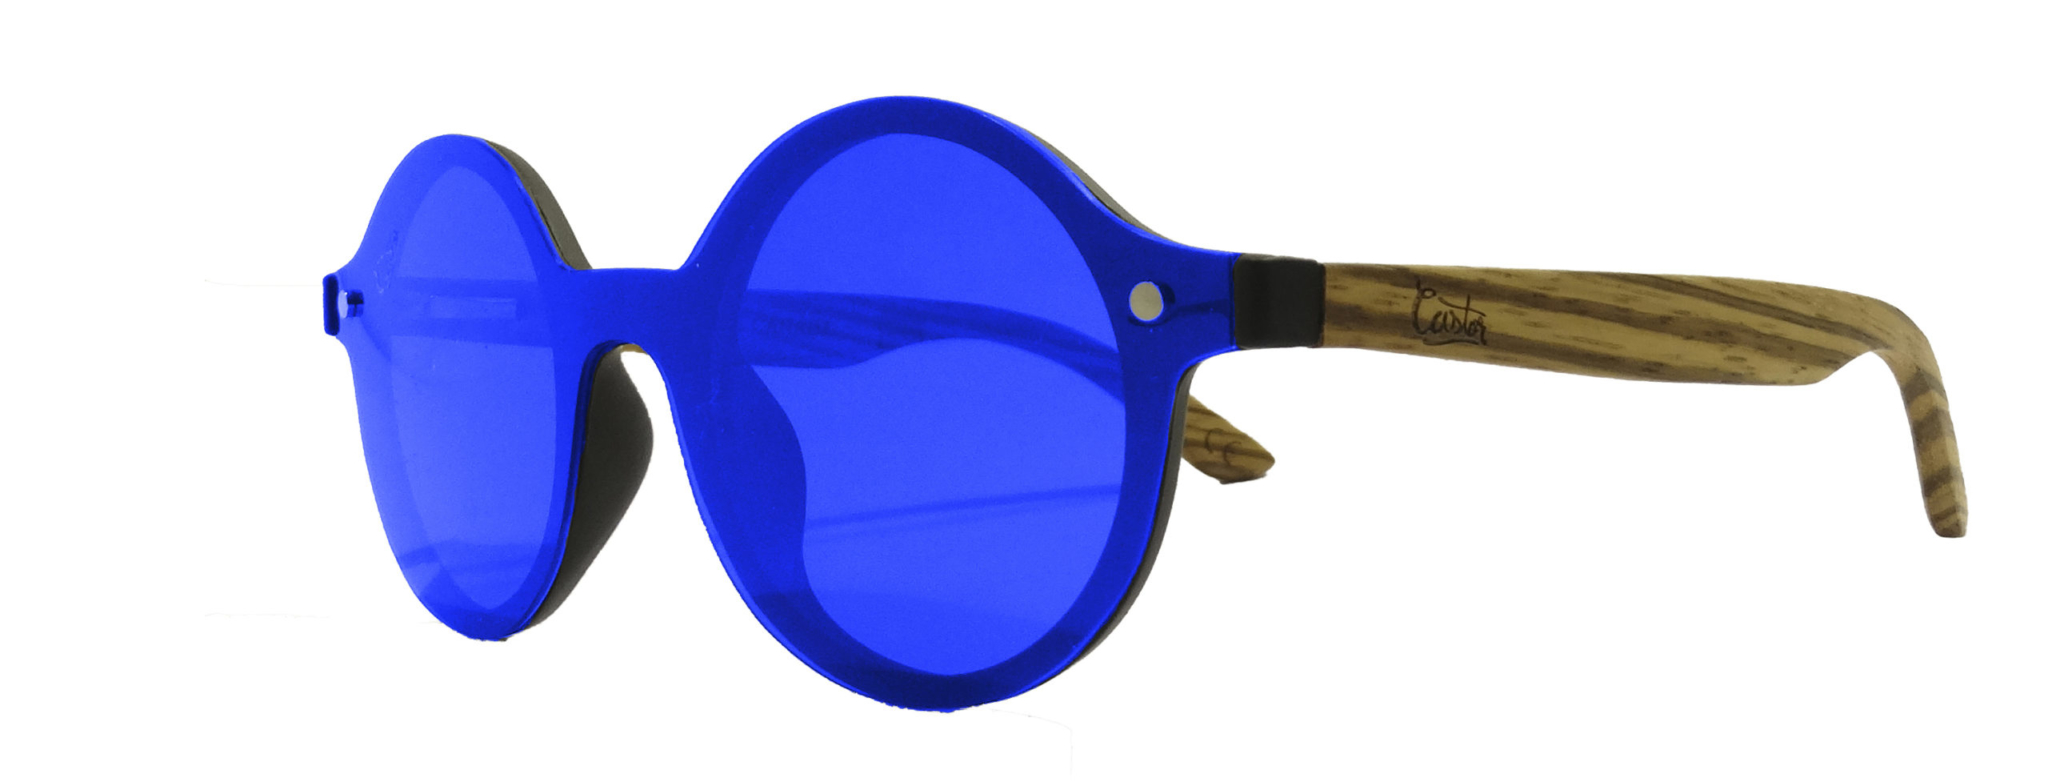 bb51a1e5-190b-gafas-de-sol